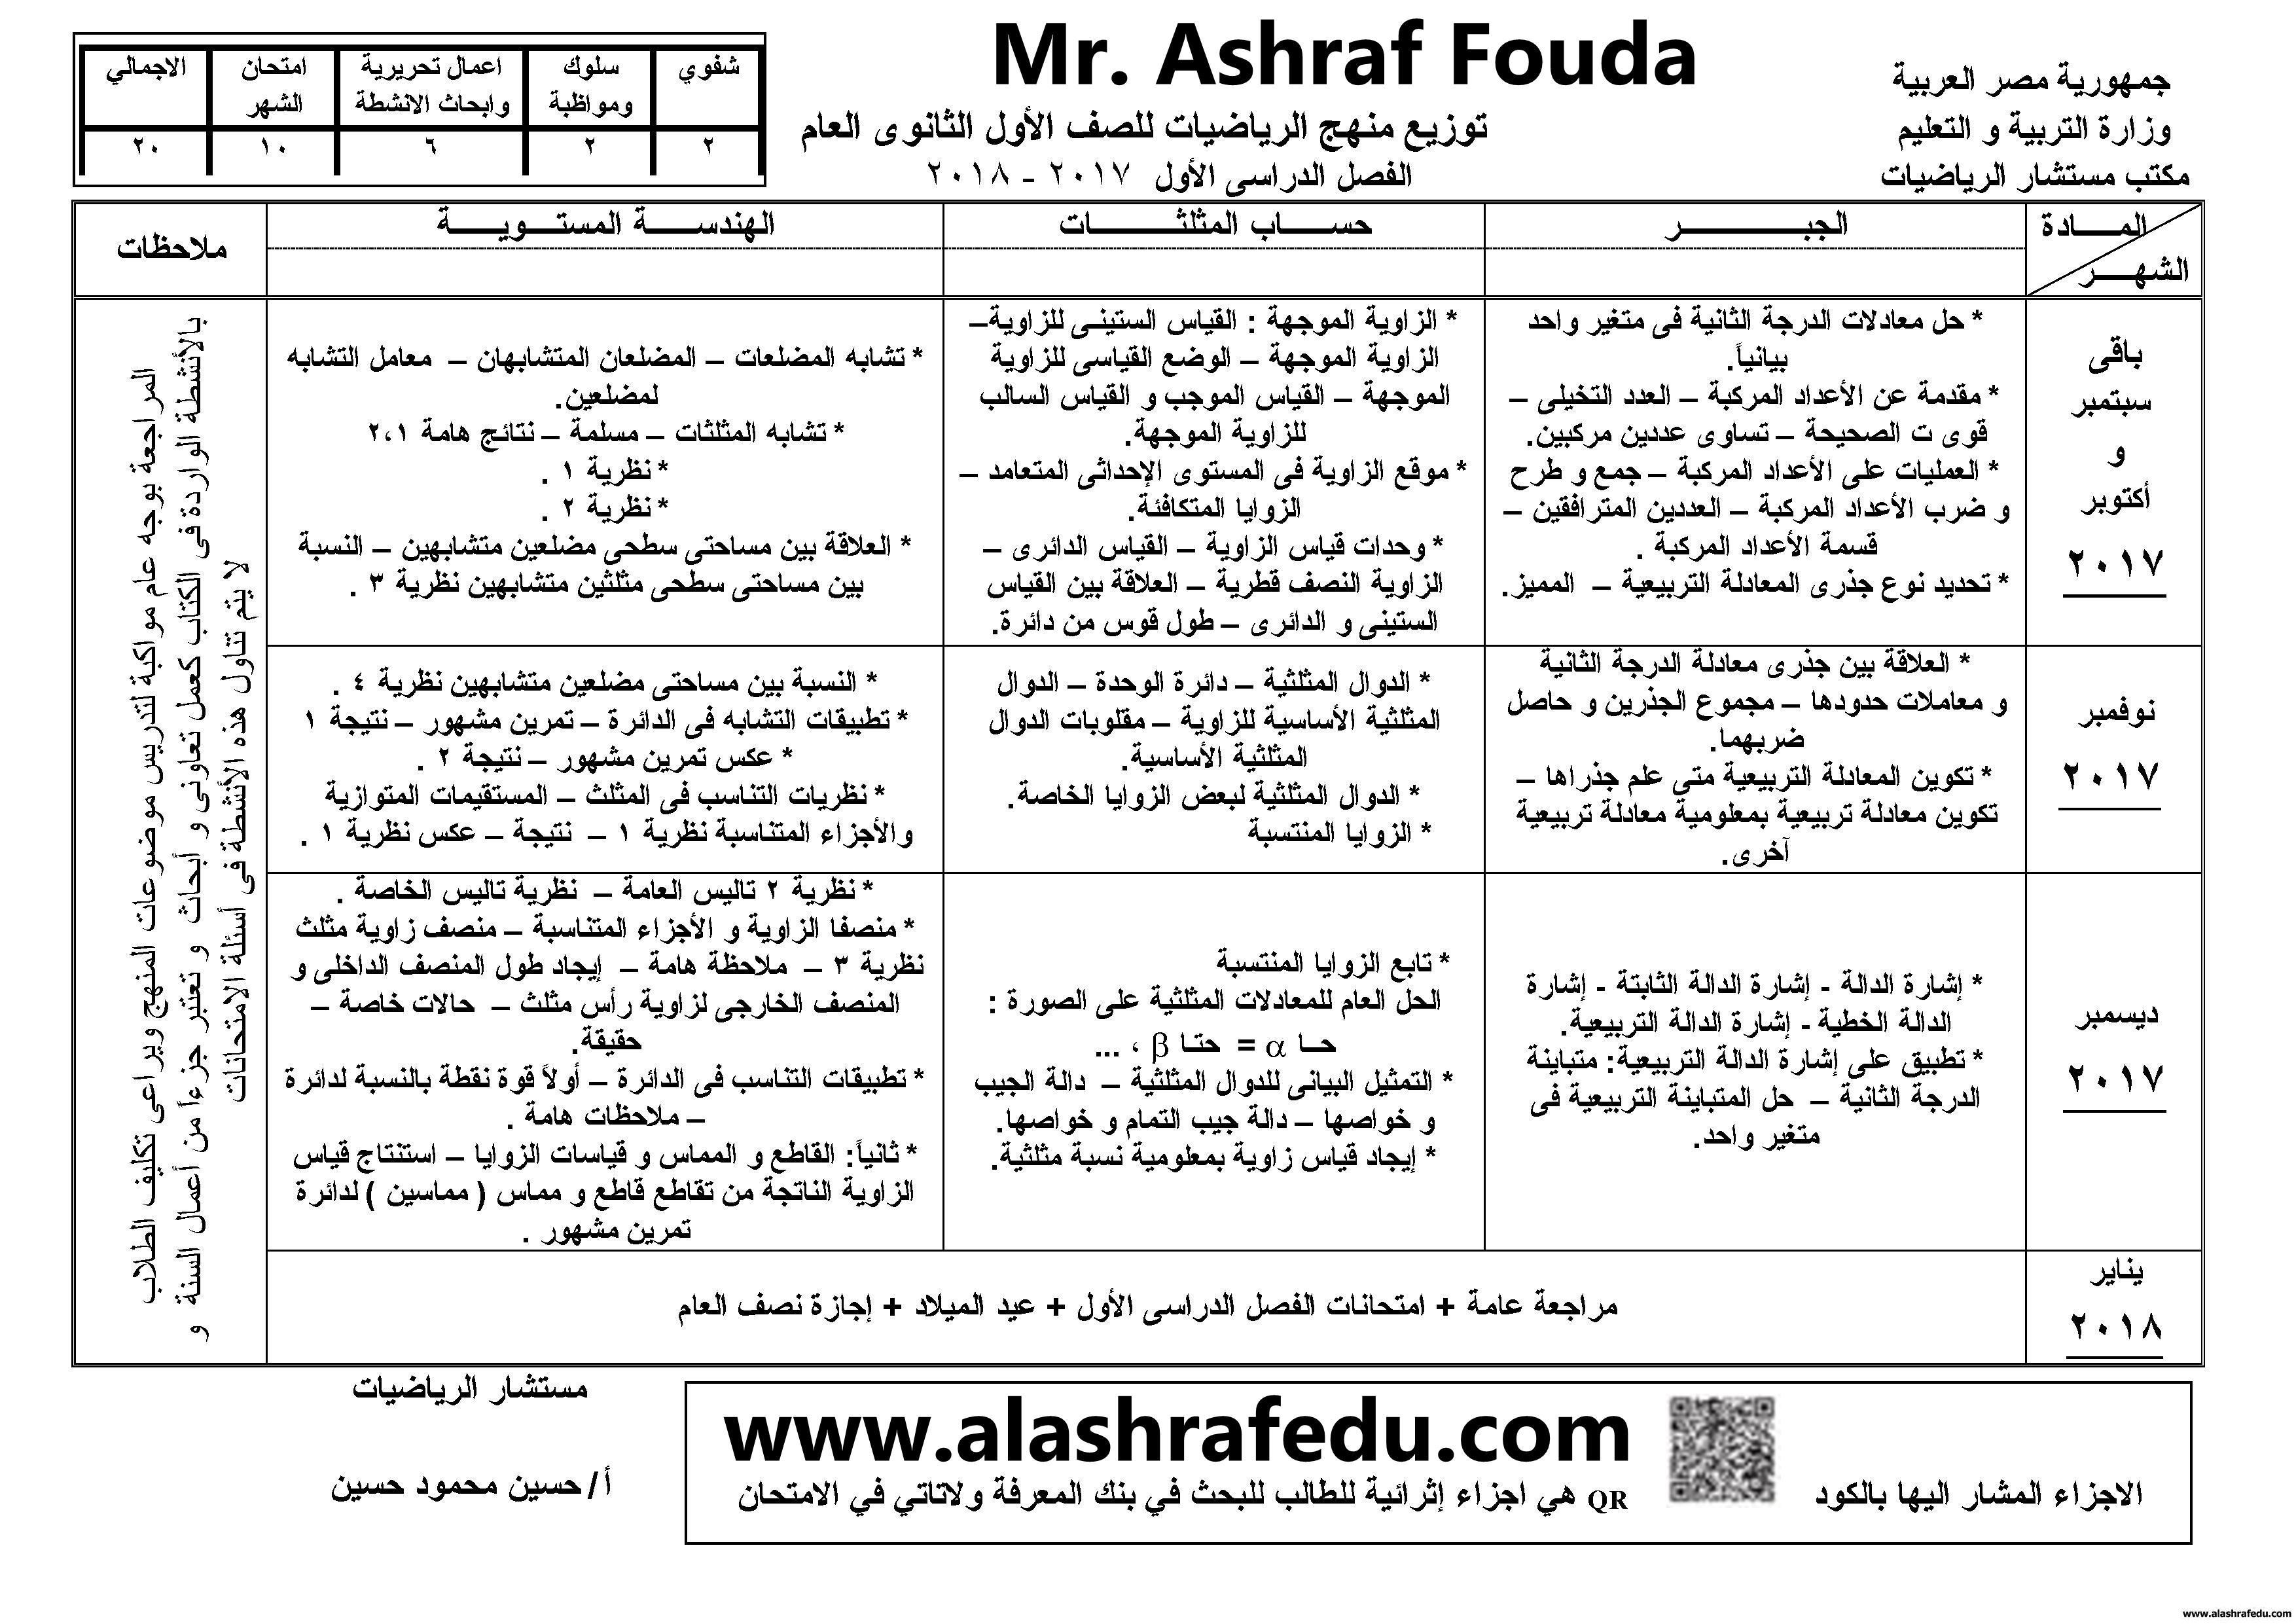 توزيع منهج الرياضيات 2018 الأول www.alashrafedu.com1